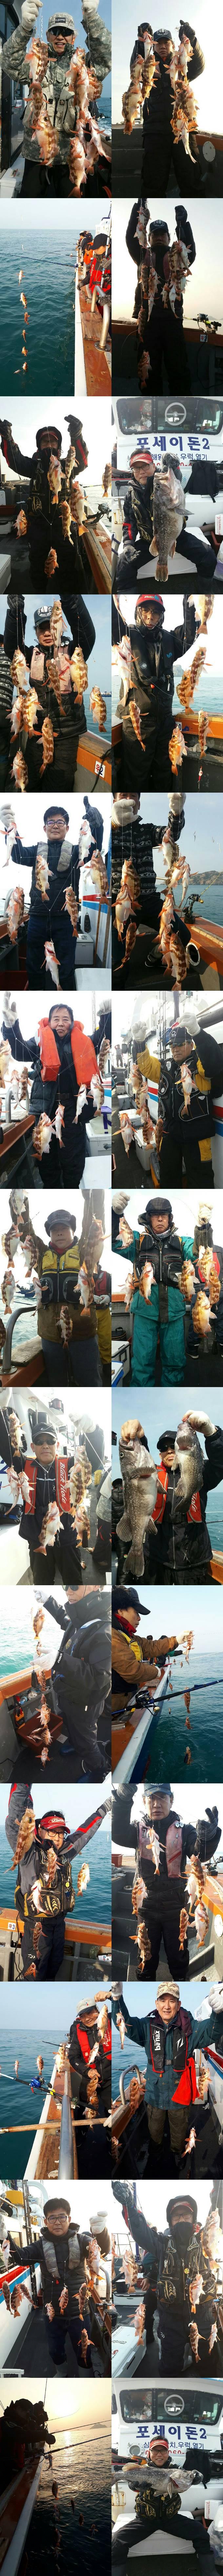 열기 2018.02.27 포세이돈(진도->추자권)